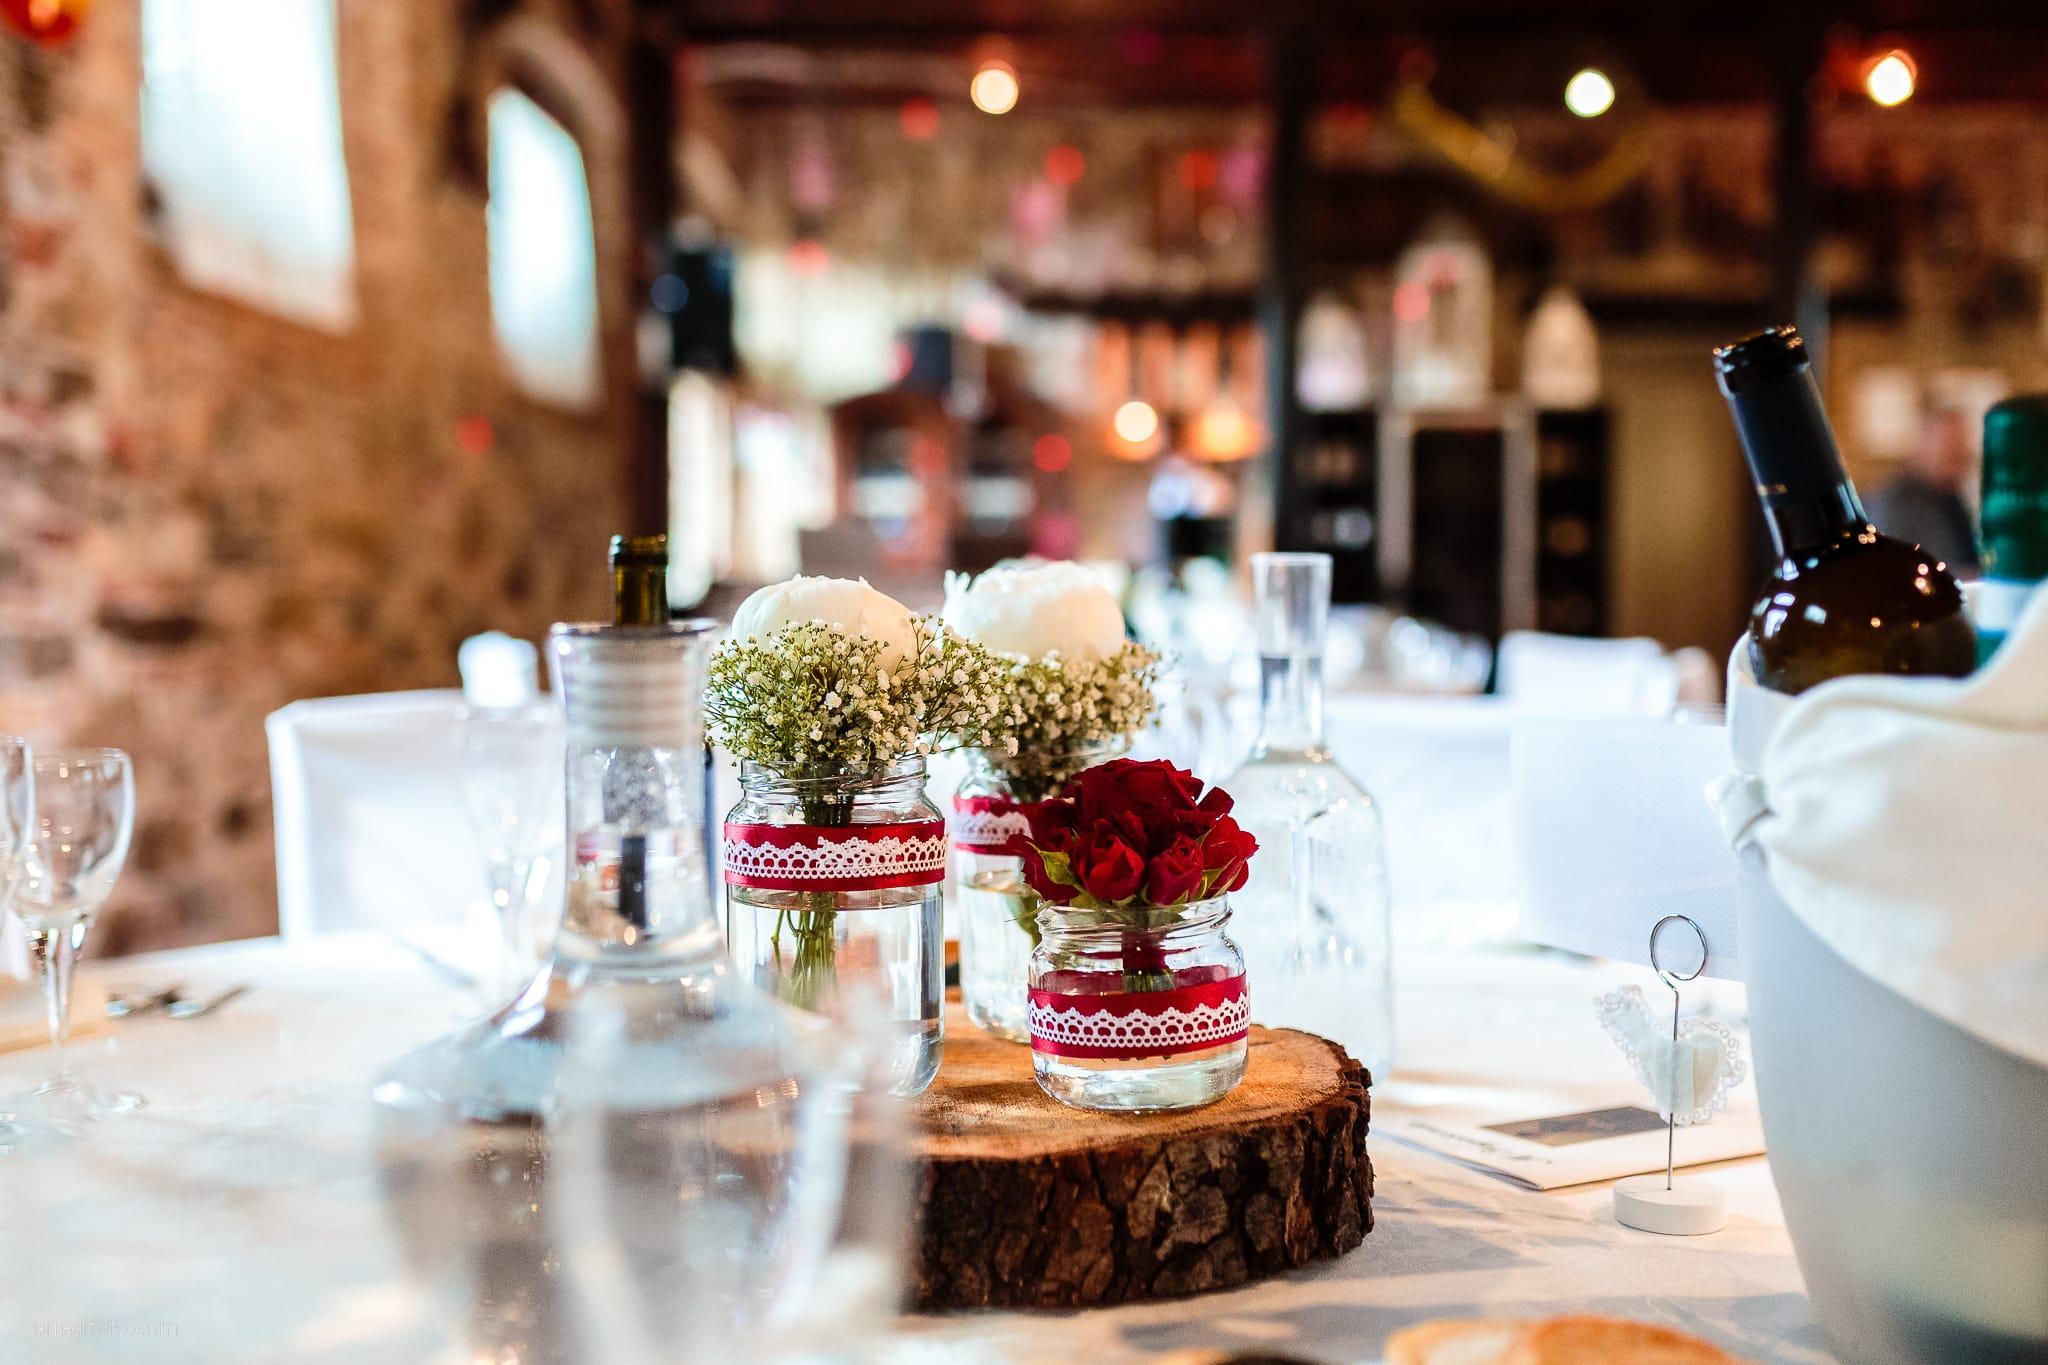 Sarah Matteo Matrimonio Moruzzo Agriturismo Il Vagabondo Buttrio Udine ricevimento dettagli centrotavola allestimenti decorazioni